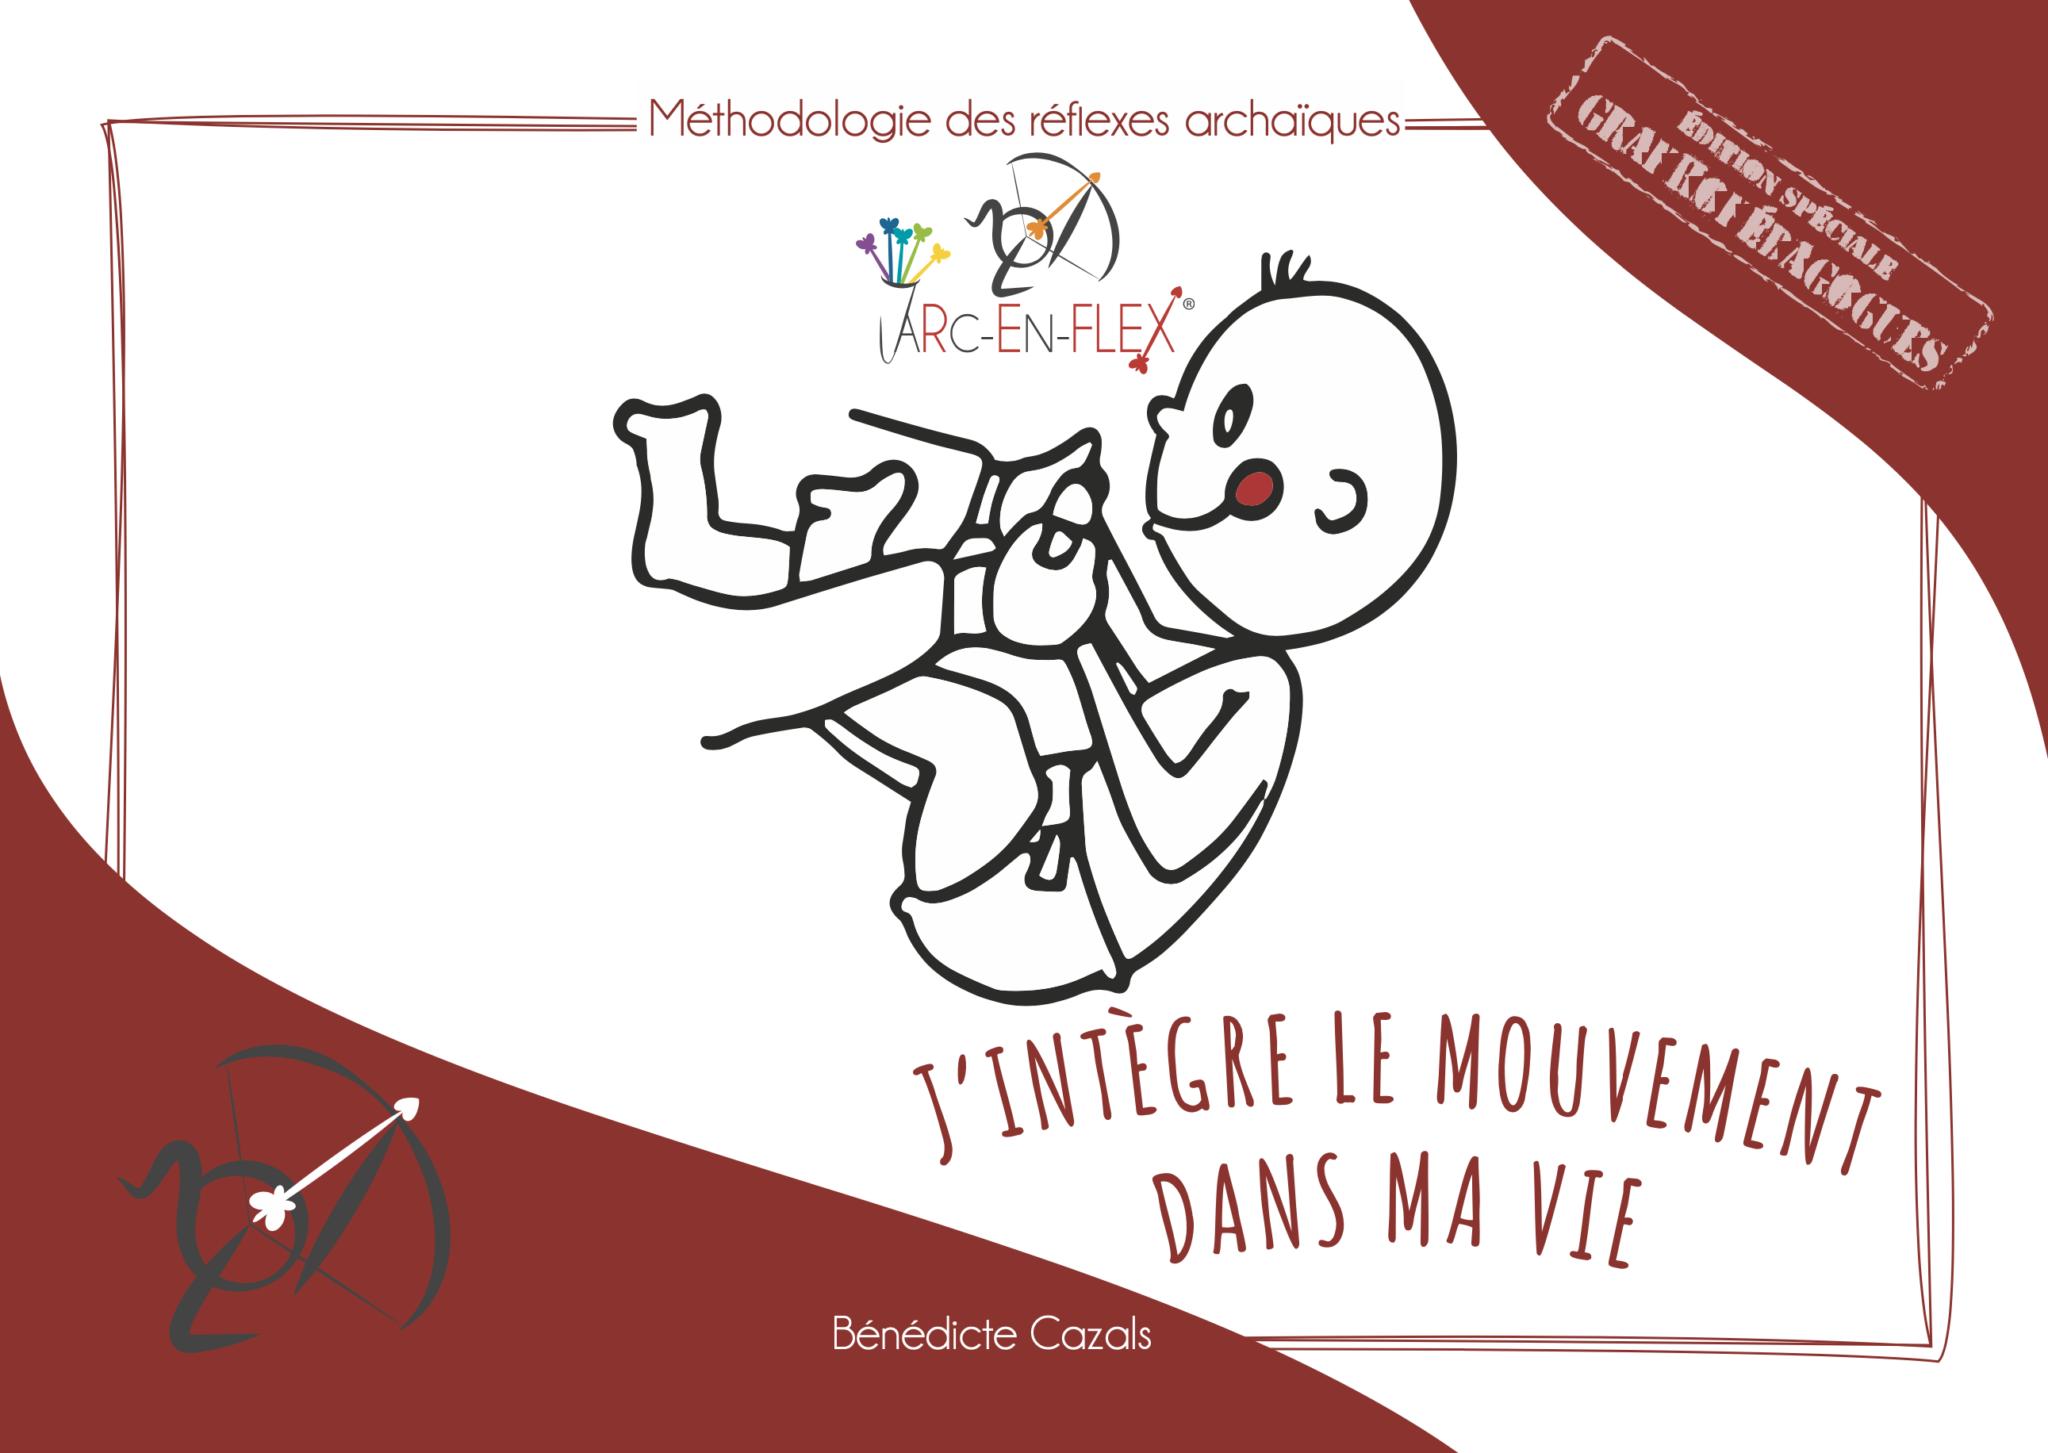 """Méthodologie des réflexes archaïques Arc-en-Flex - """"J'intègre le mouvement dans ma vie"""" Edition limitée spéciale Graphopédagogues"""